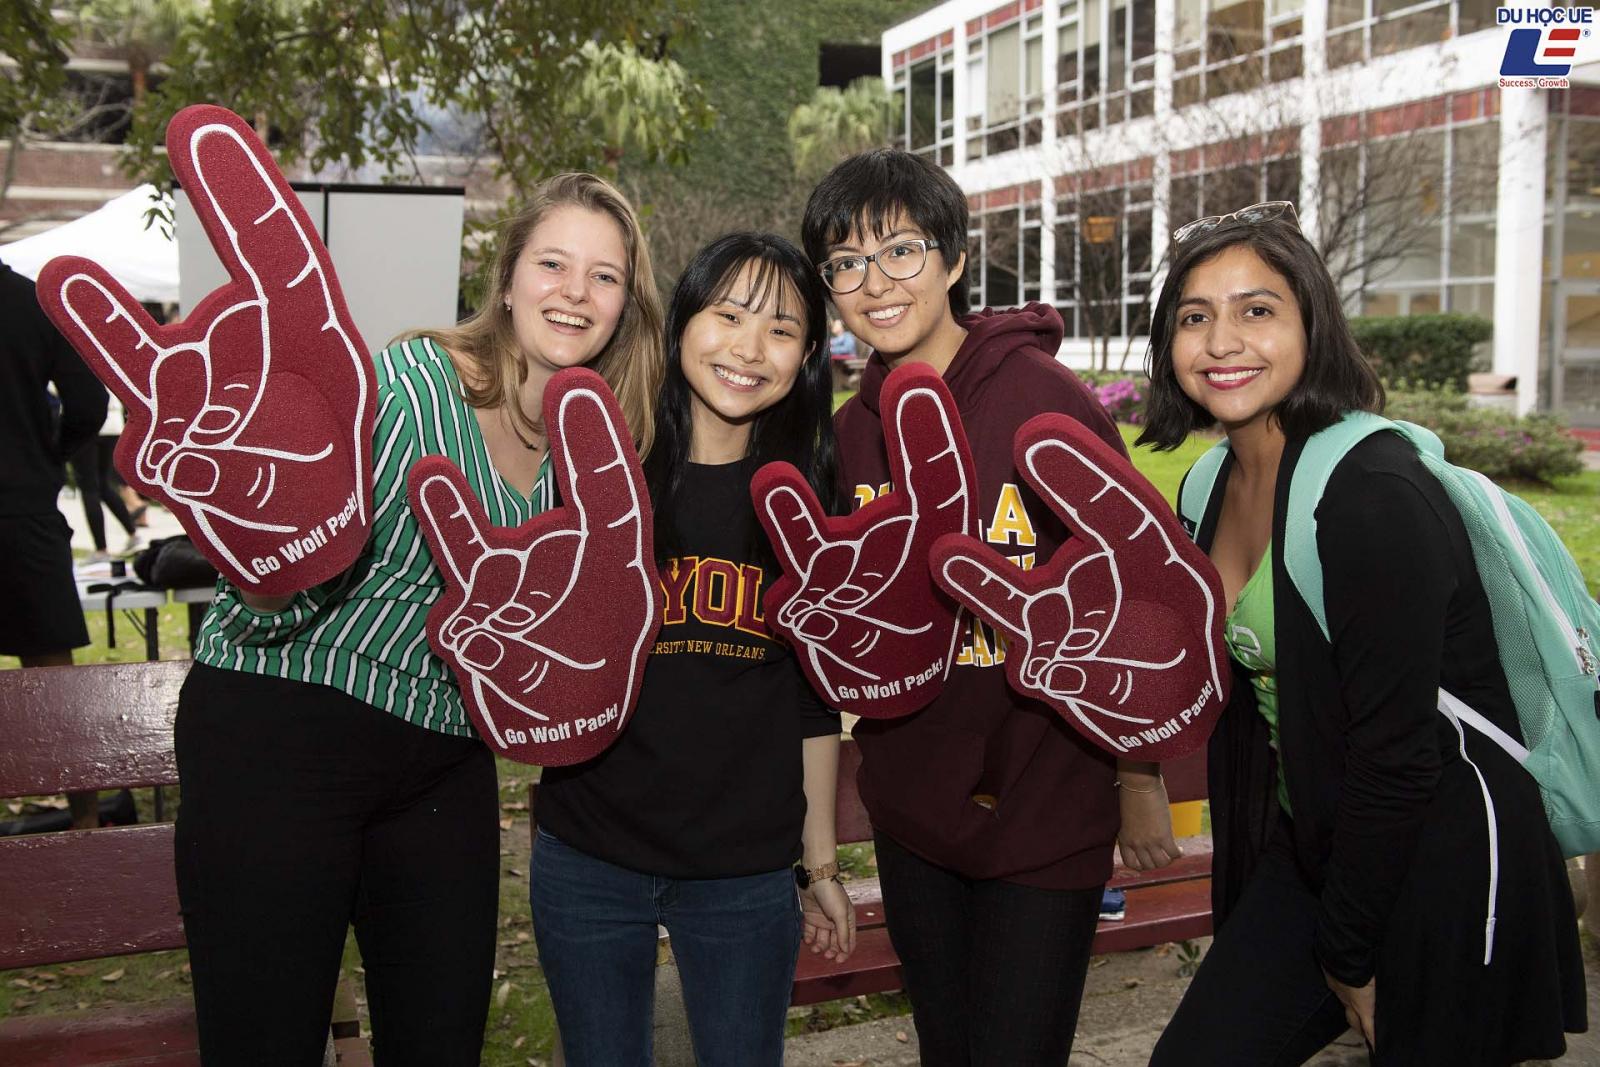 Du học học bổng tại Loyola University New Orleans - Top trường đại học đỉnh cao tại Mỹ 4